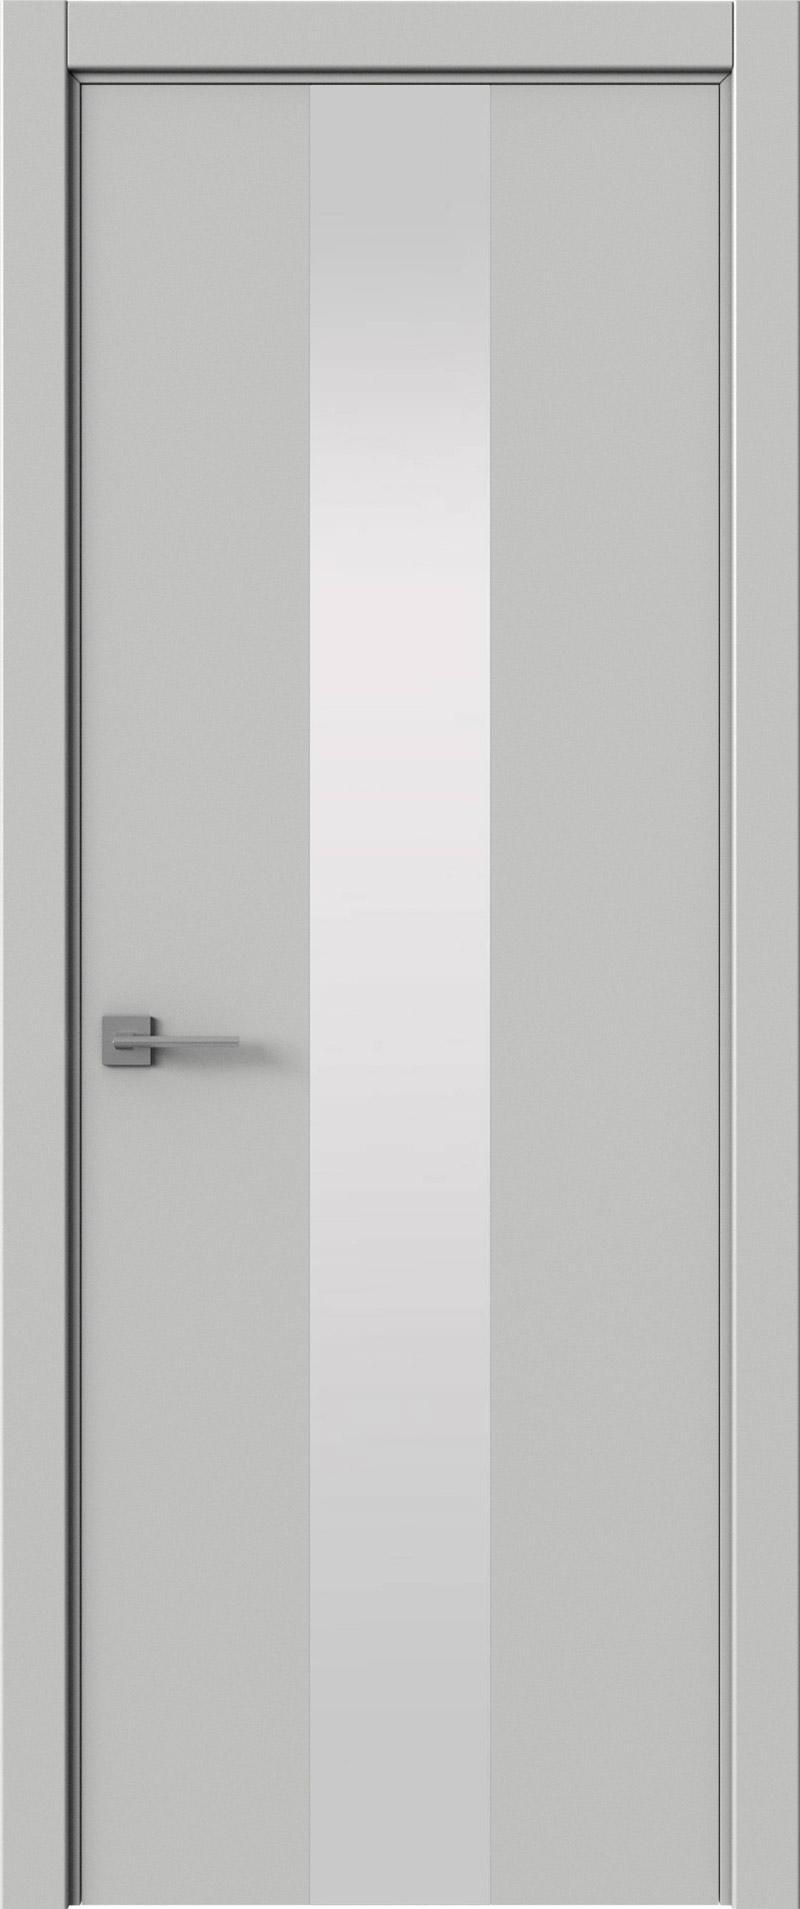 Tivoli Ж-5 цвет - Серая эмаль (RAL 7047) Со стеклом (ДО)